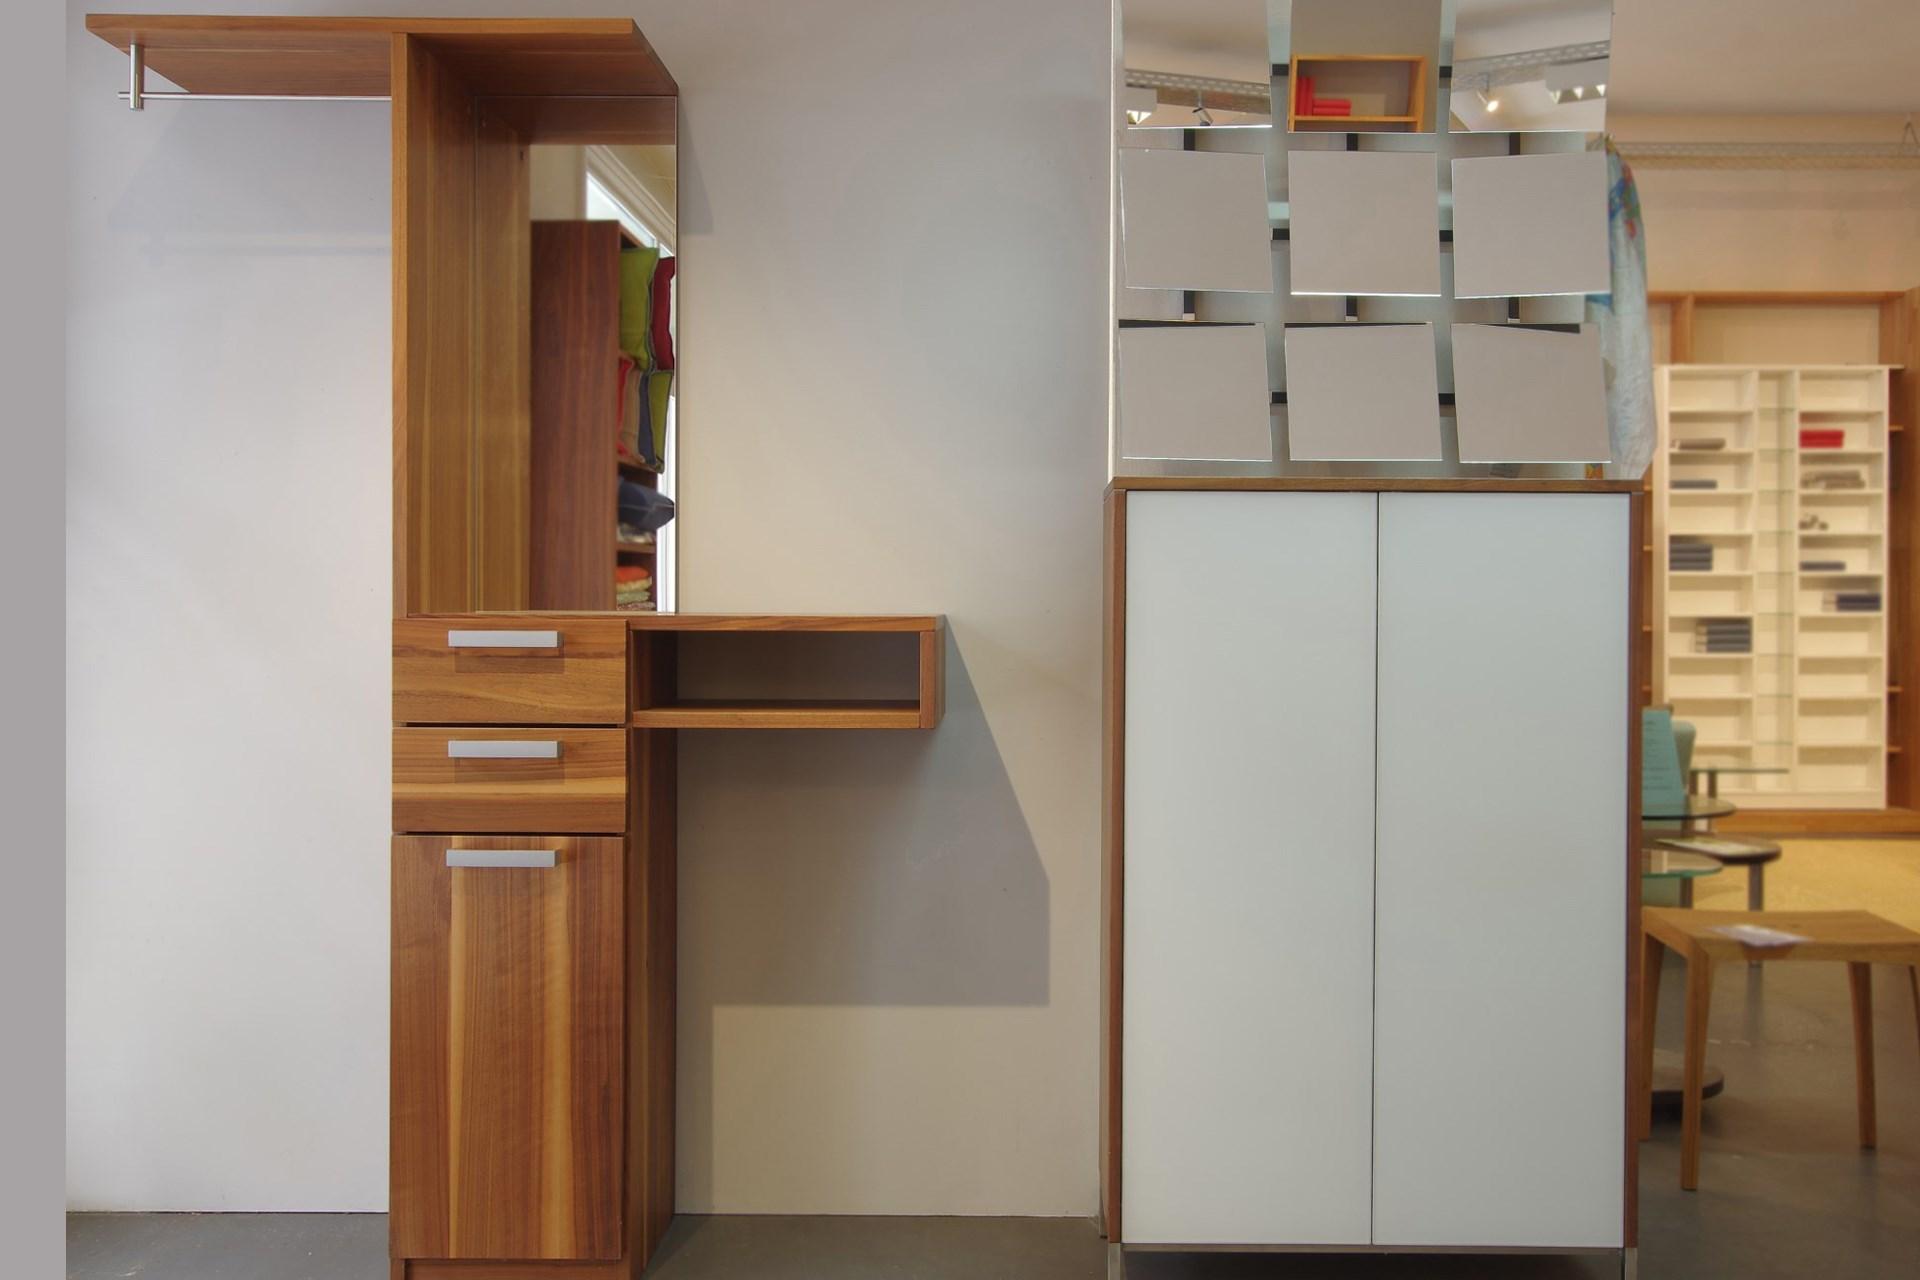 Garderobe Cubik Nussbaum, Schuhschrank Mood und Spiegel Baikal